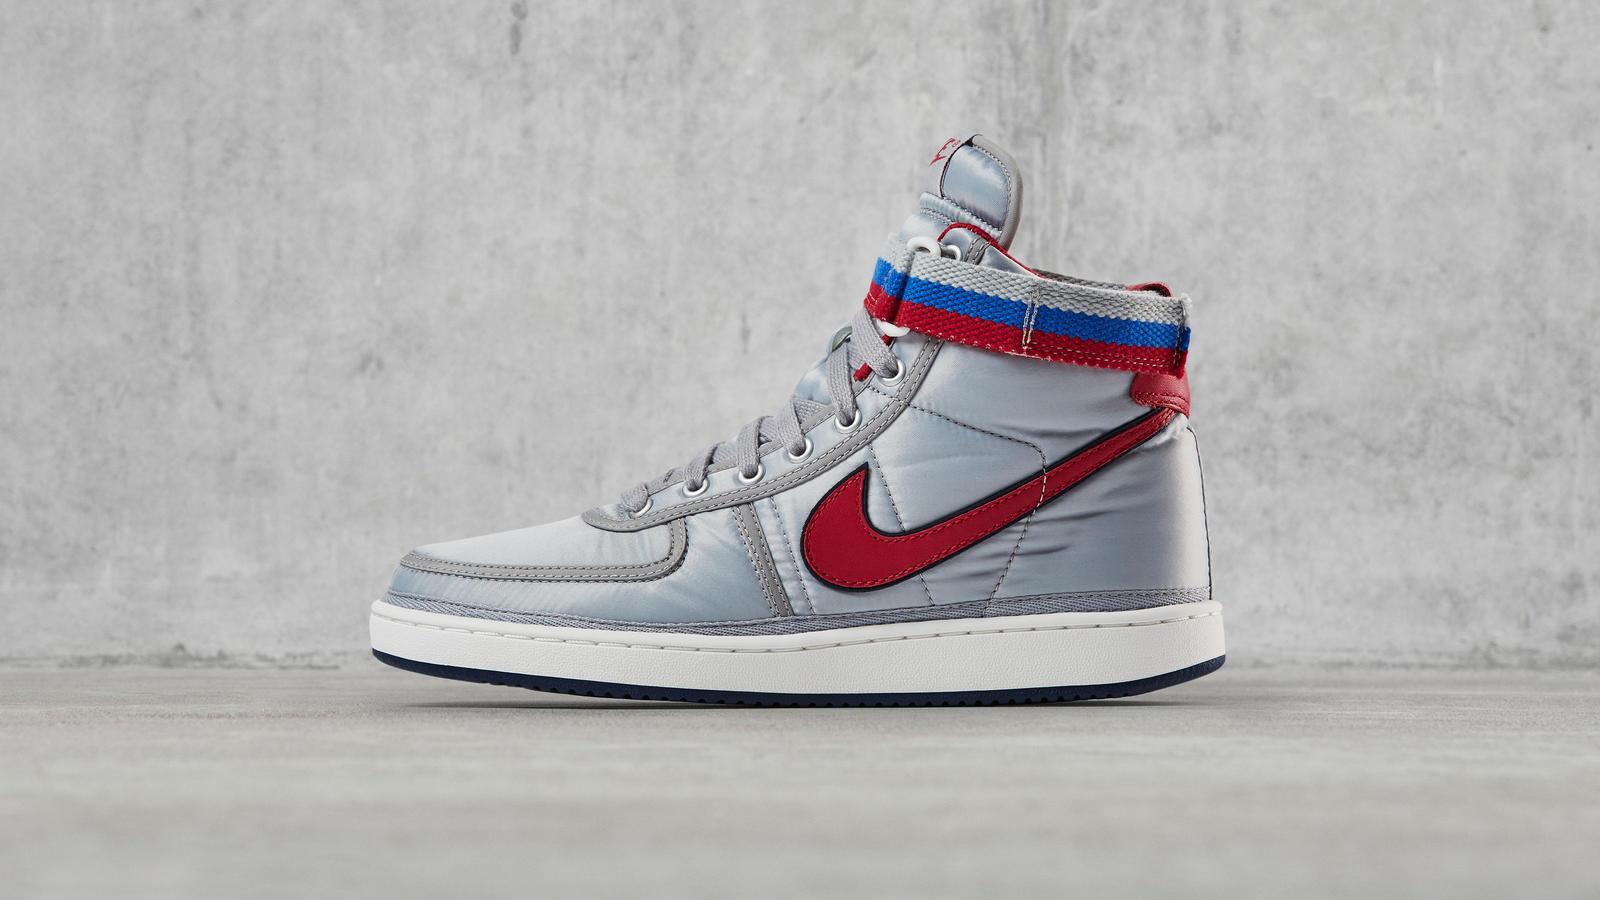 Nike Vandal High Supreme Supreme High Nike News 37e626